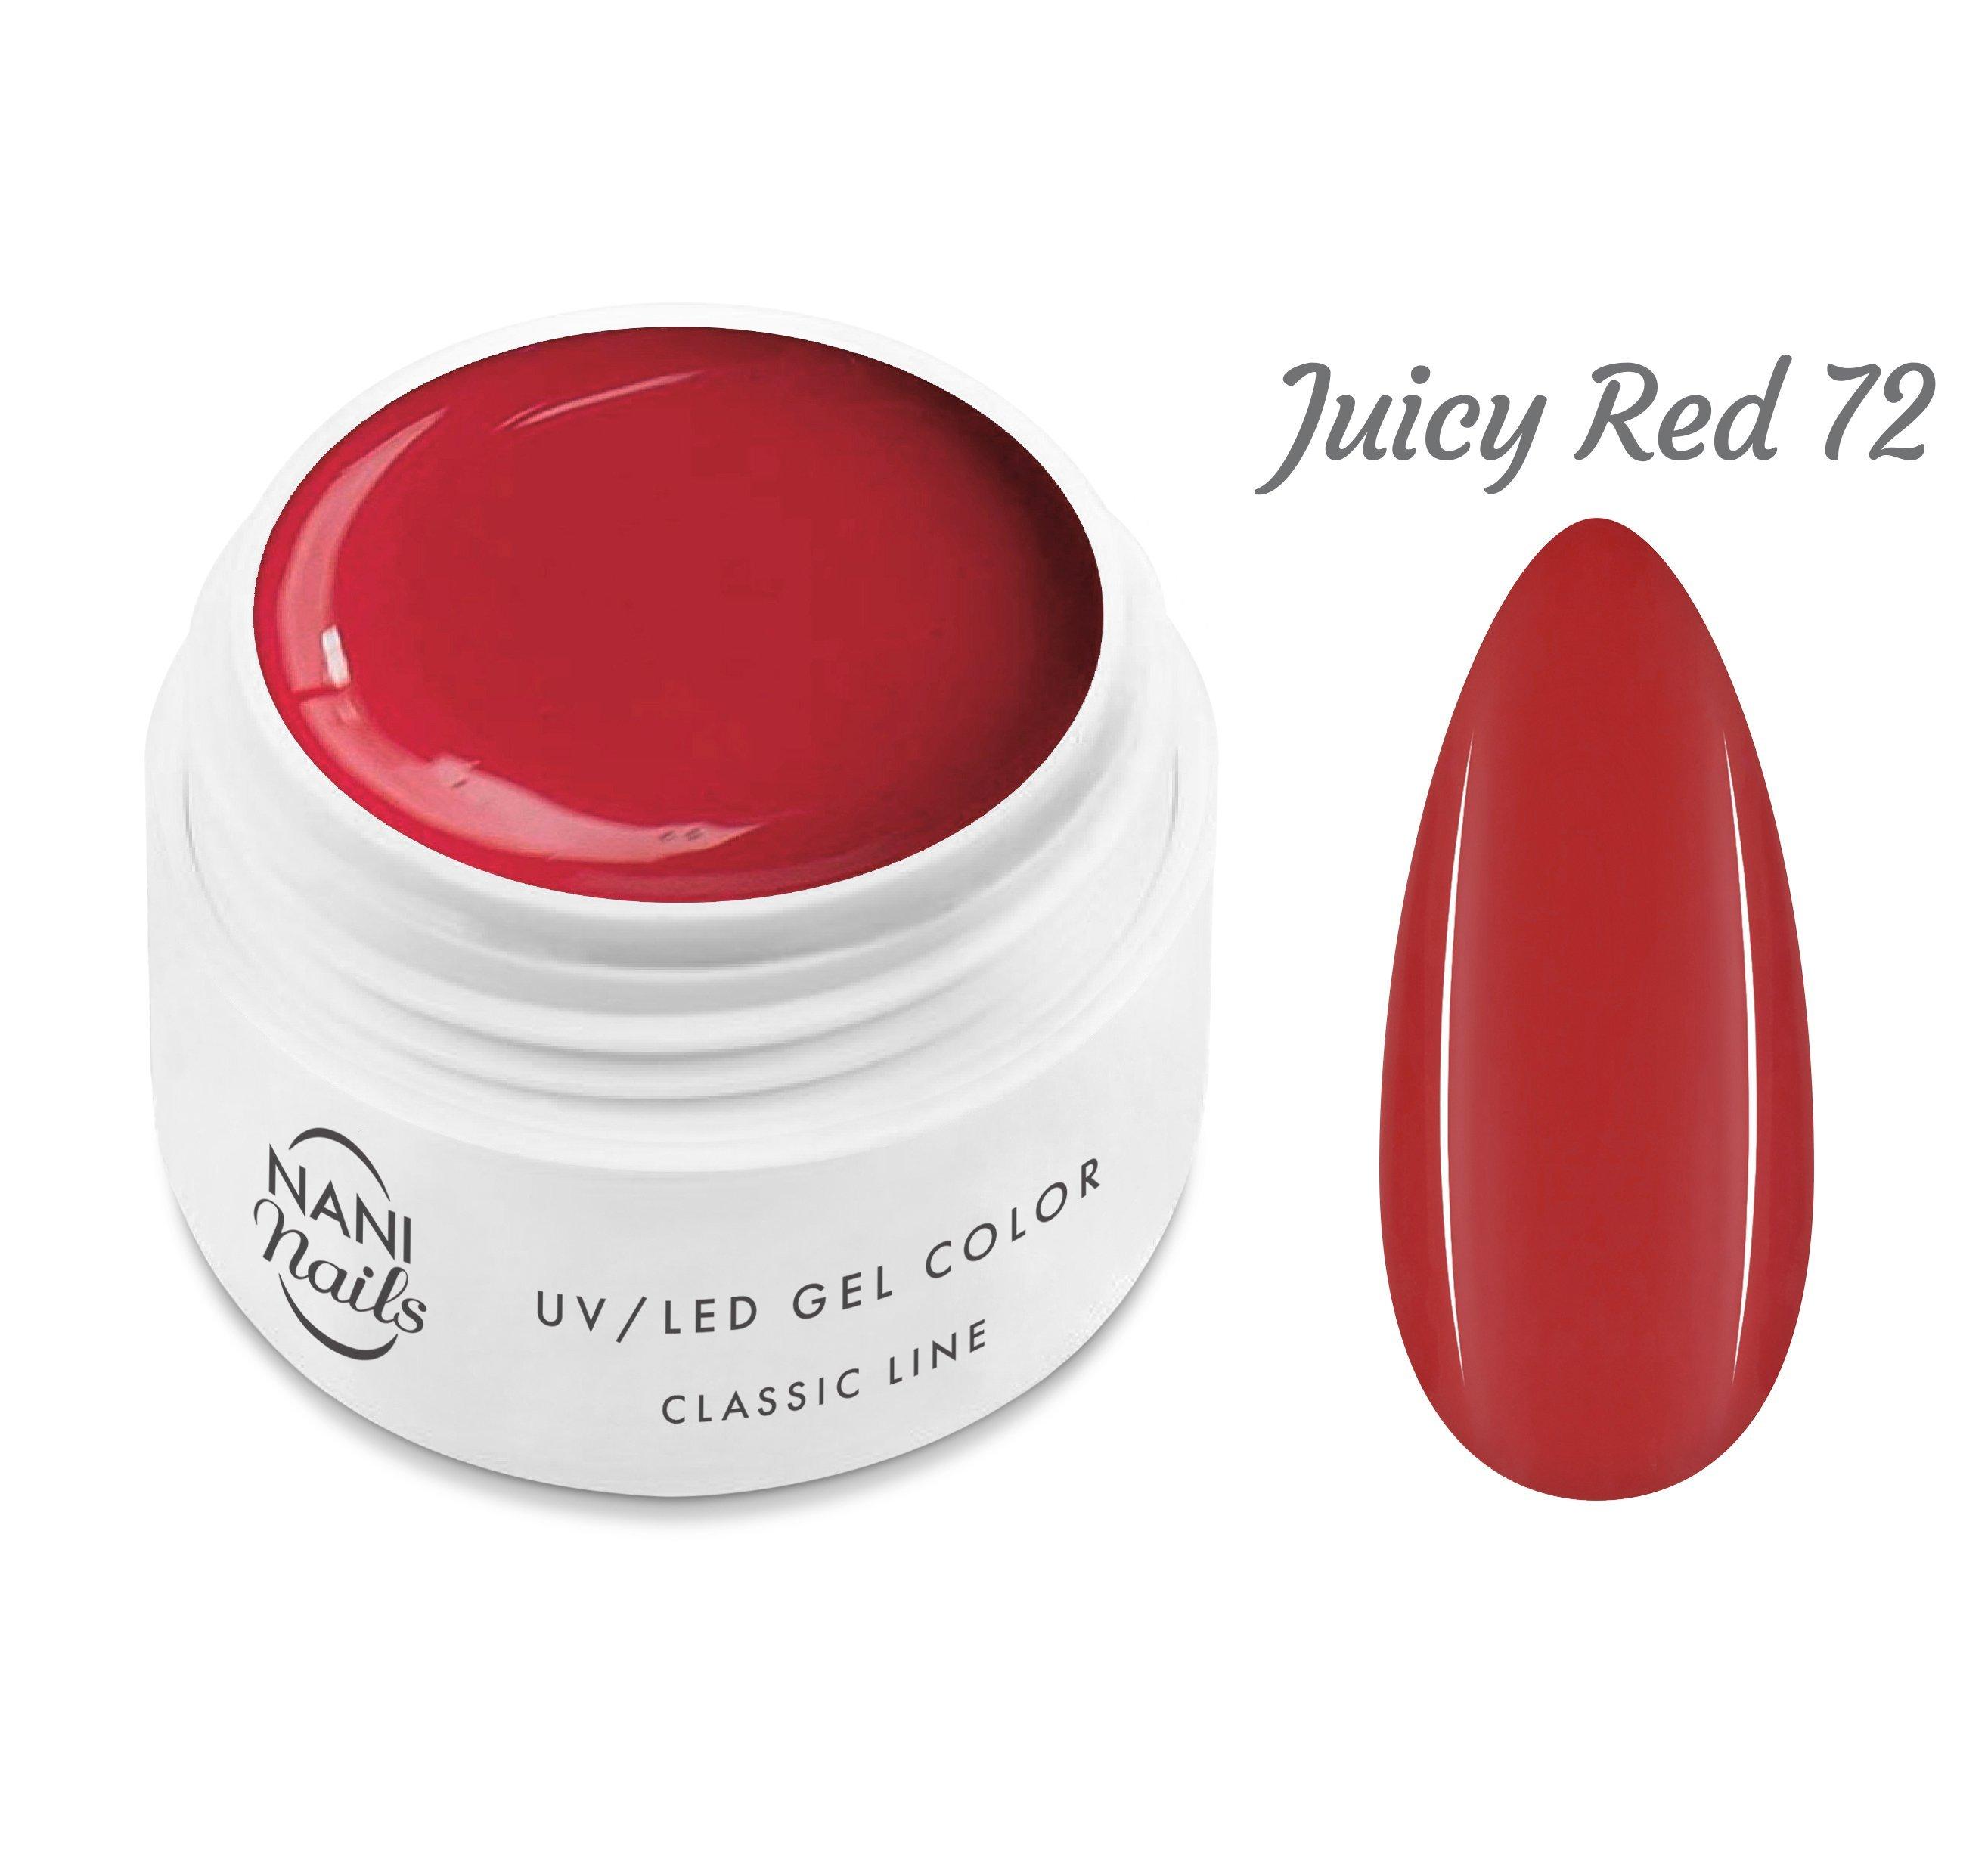 NANI UV gél Classic Line 5 ml - Juicy Red